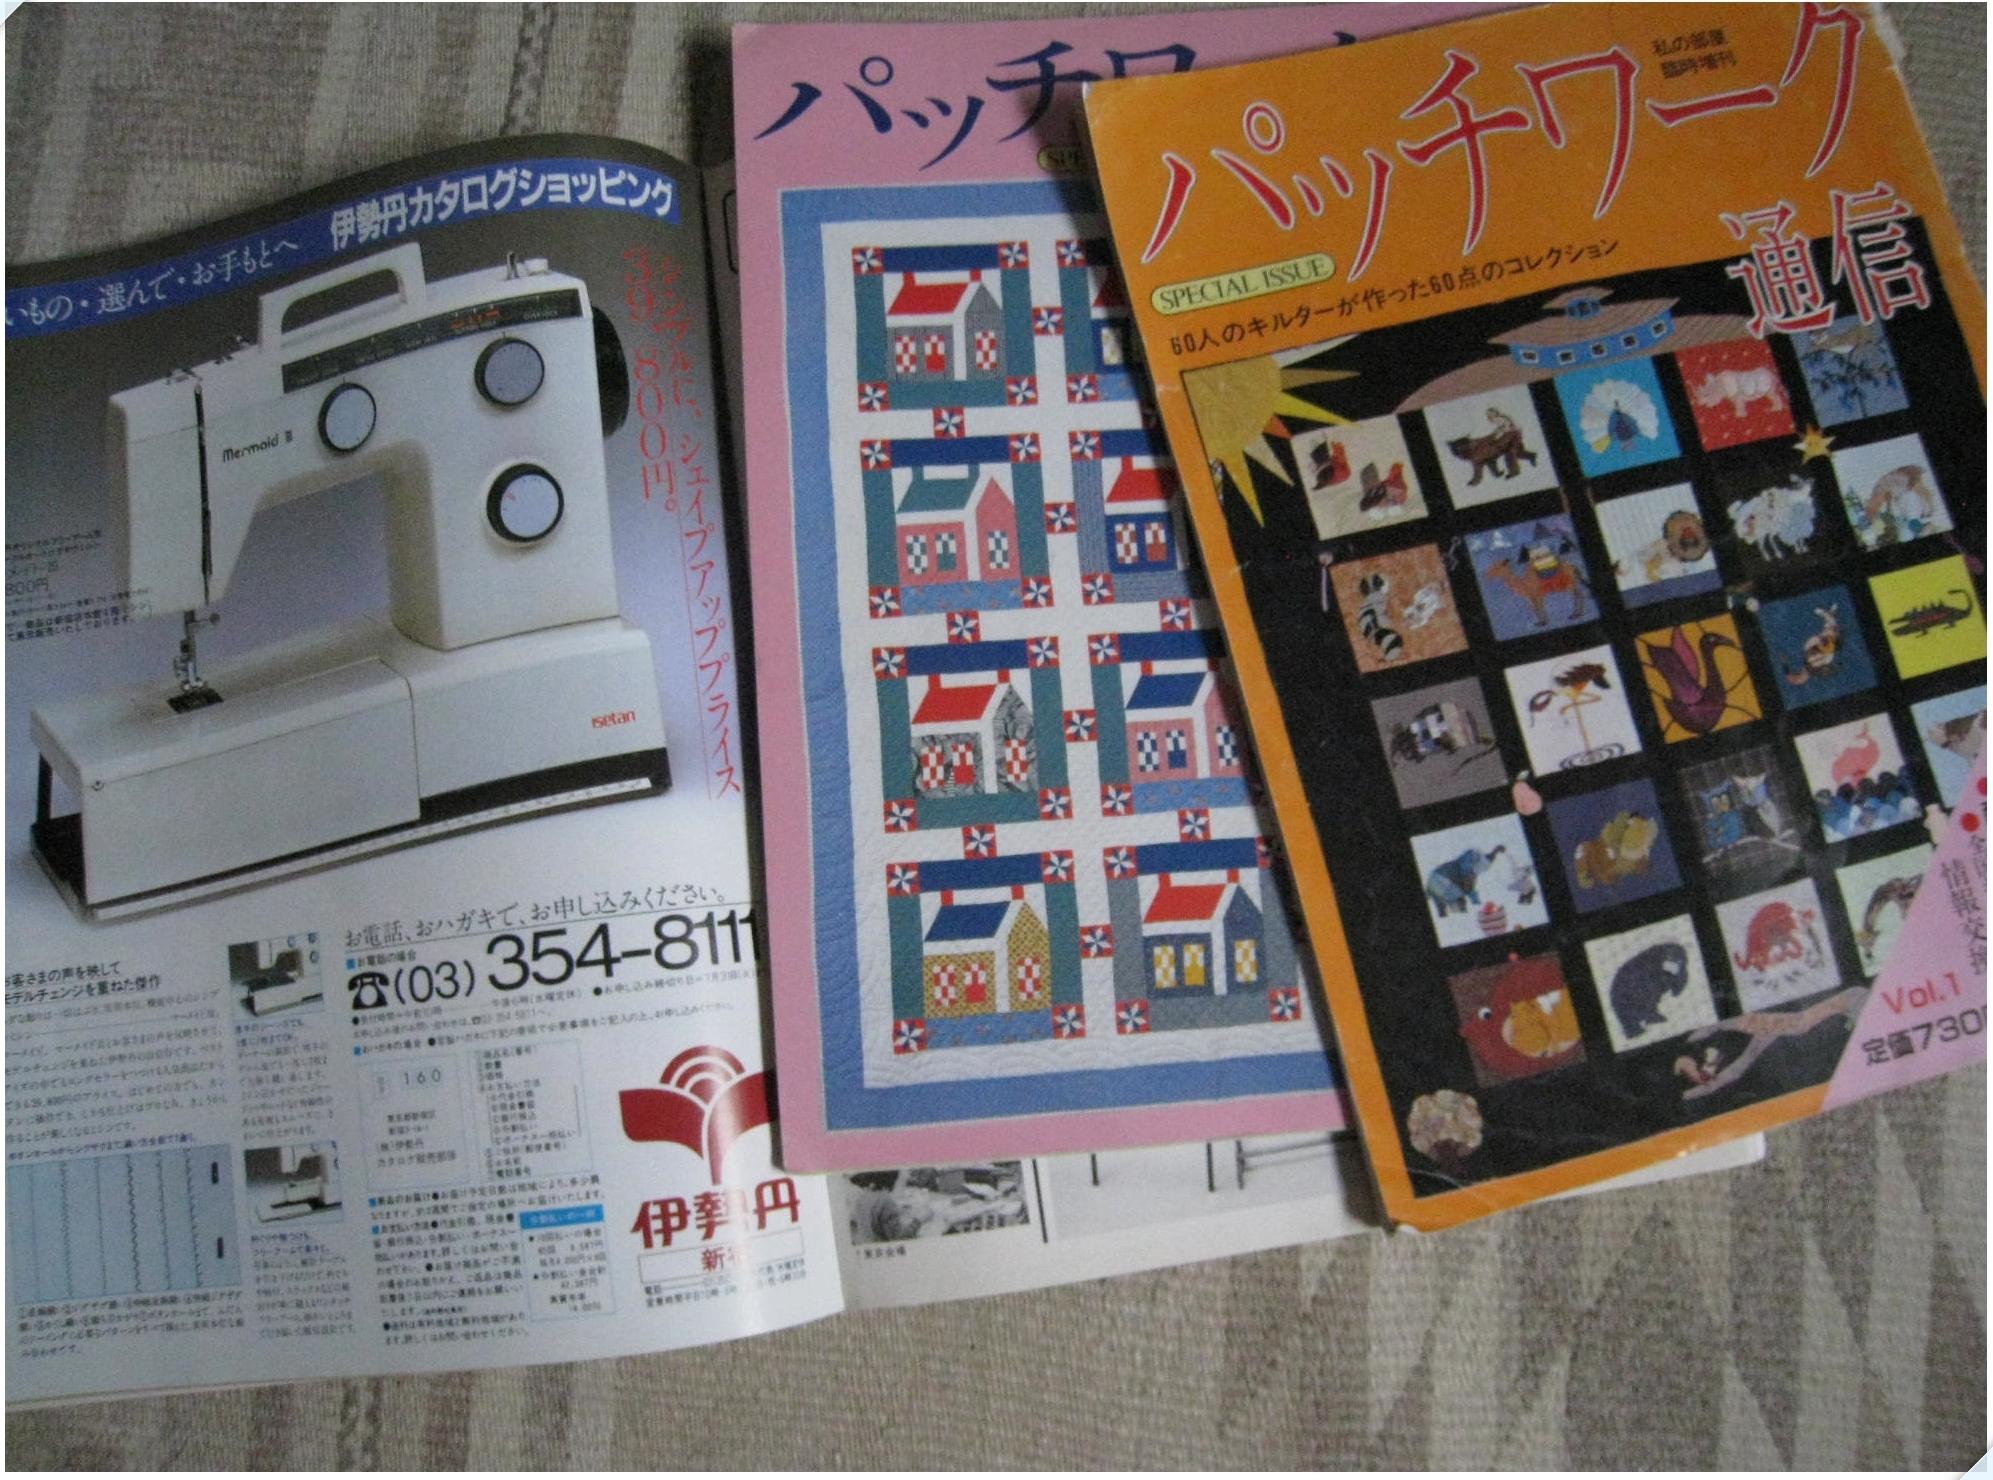 machine_3_1031.jpg